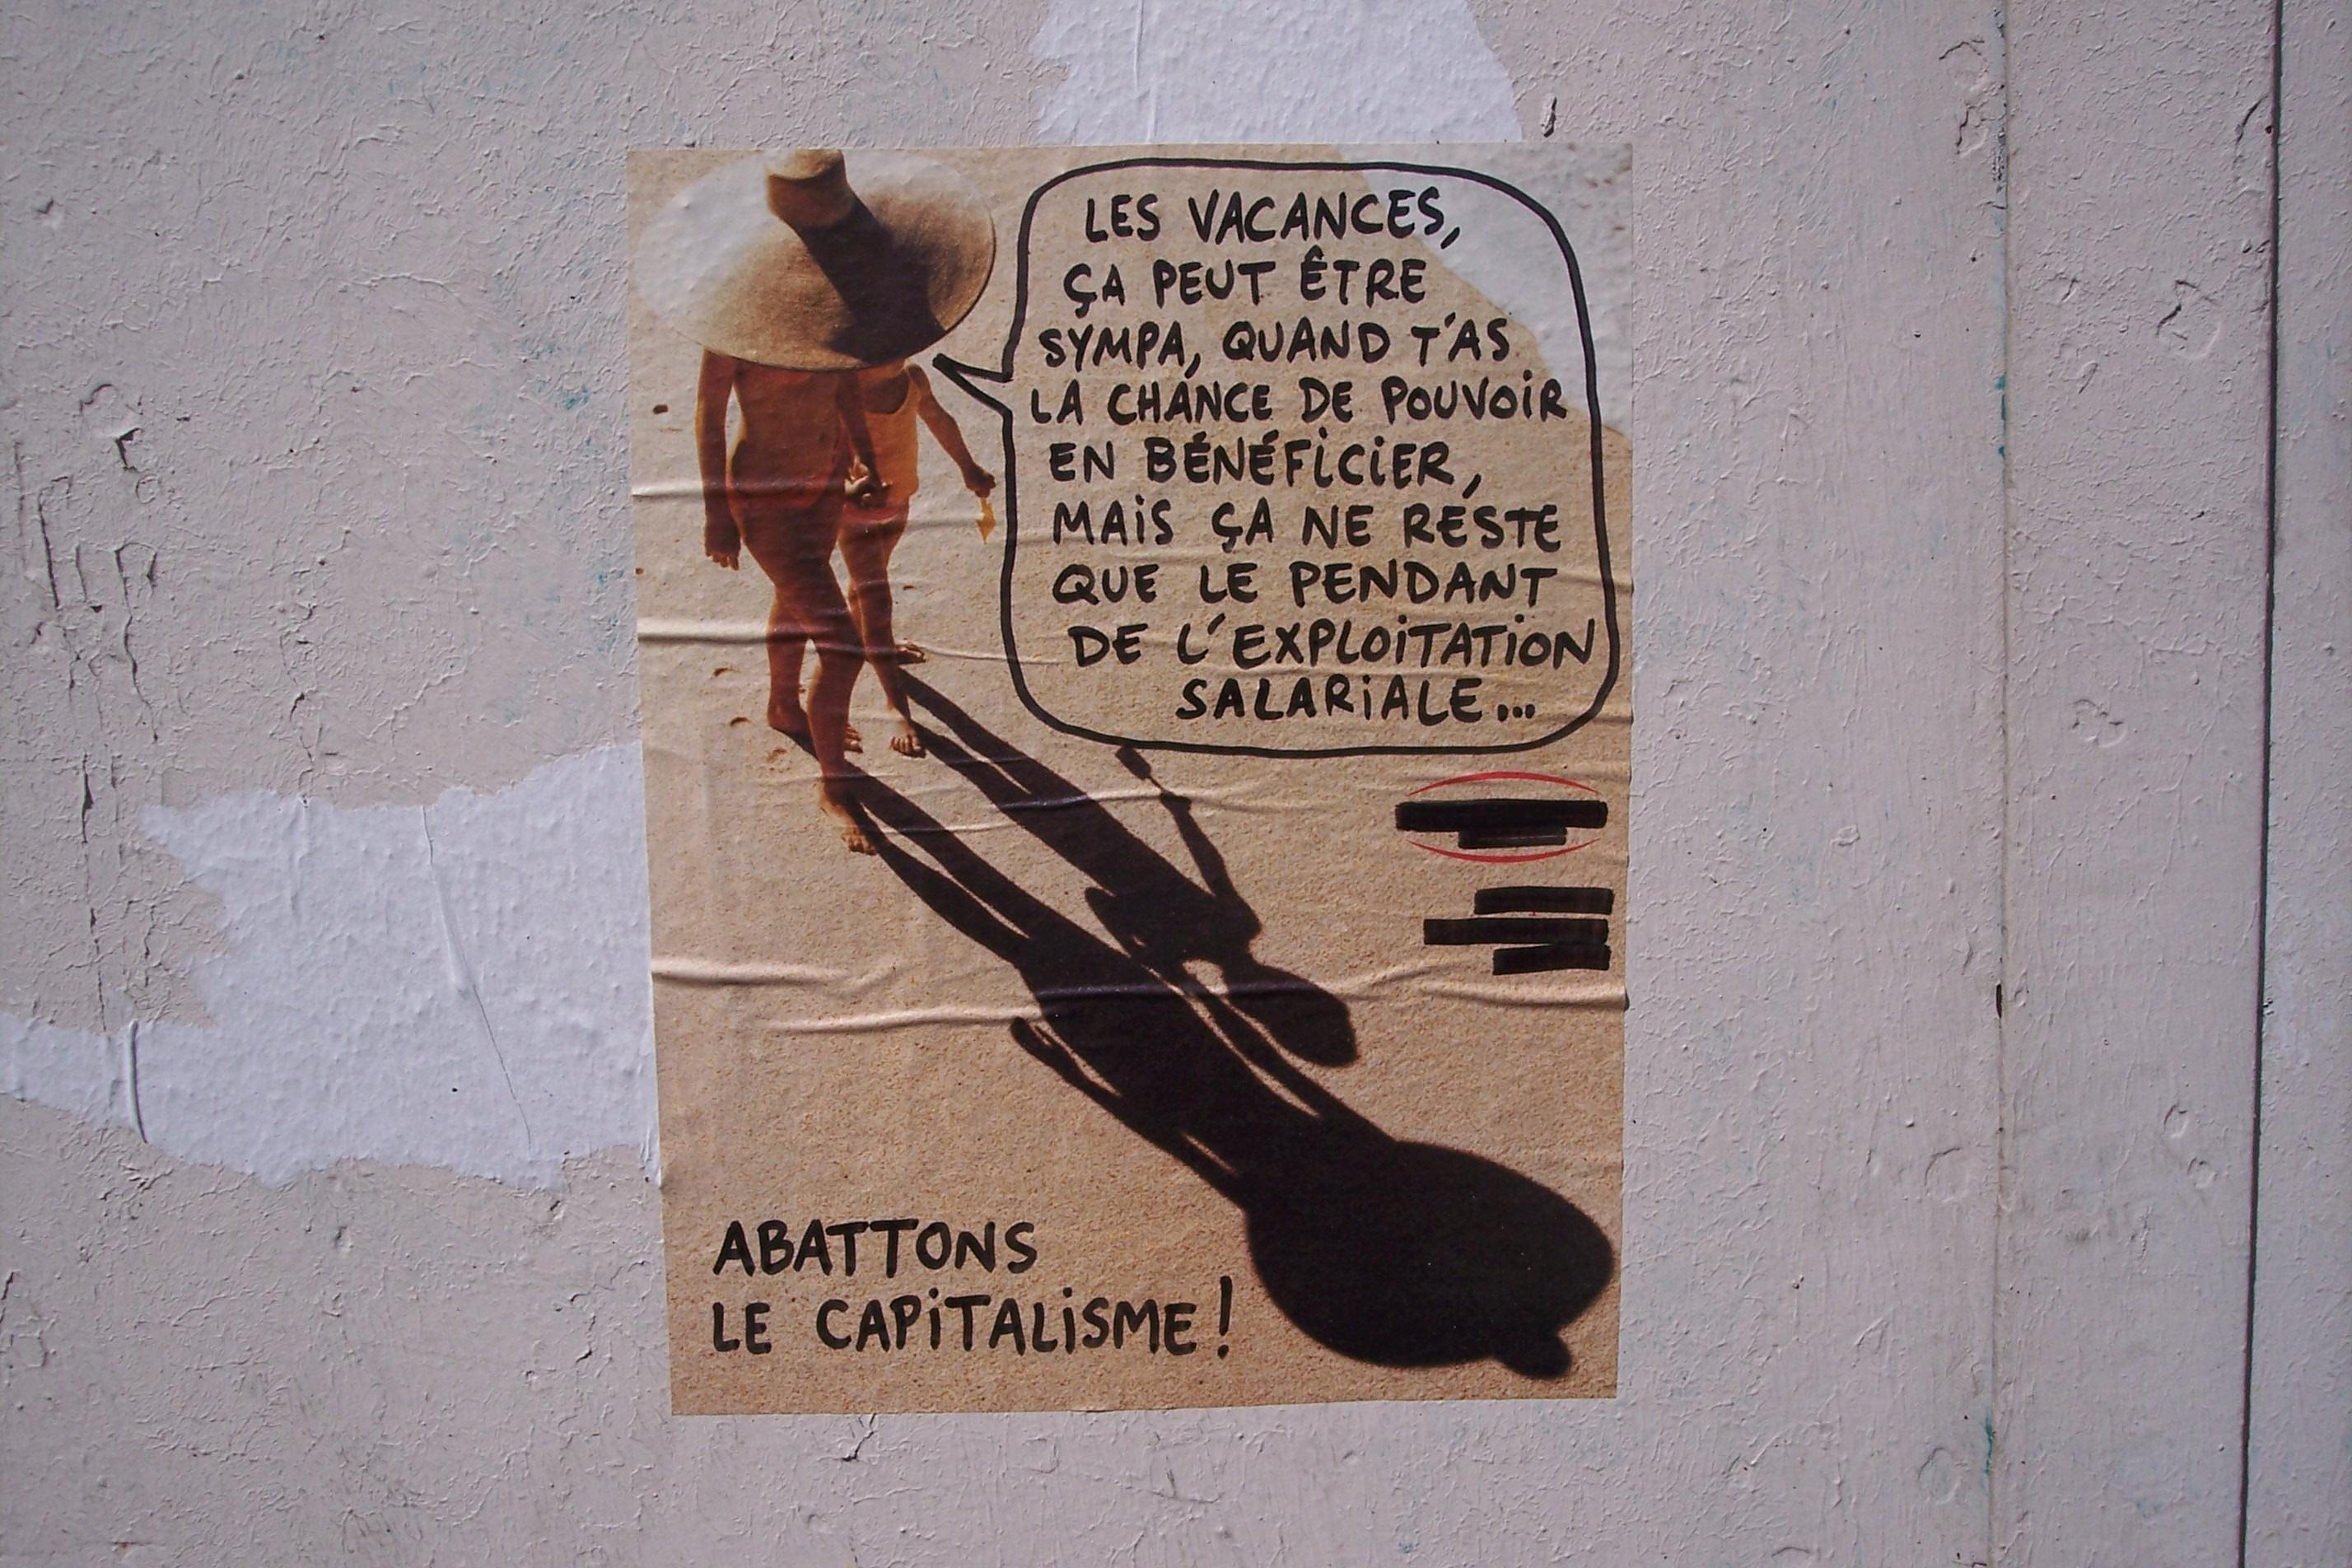 http://juralib.noblogs.org/files/2012/08/2012-07-16_Dijon_RuePasteur-c.jpg